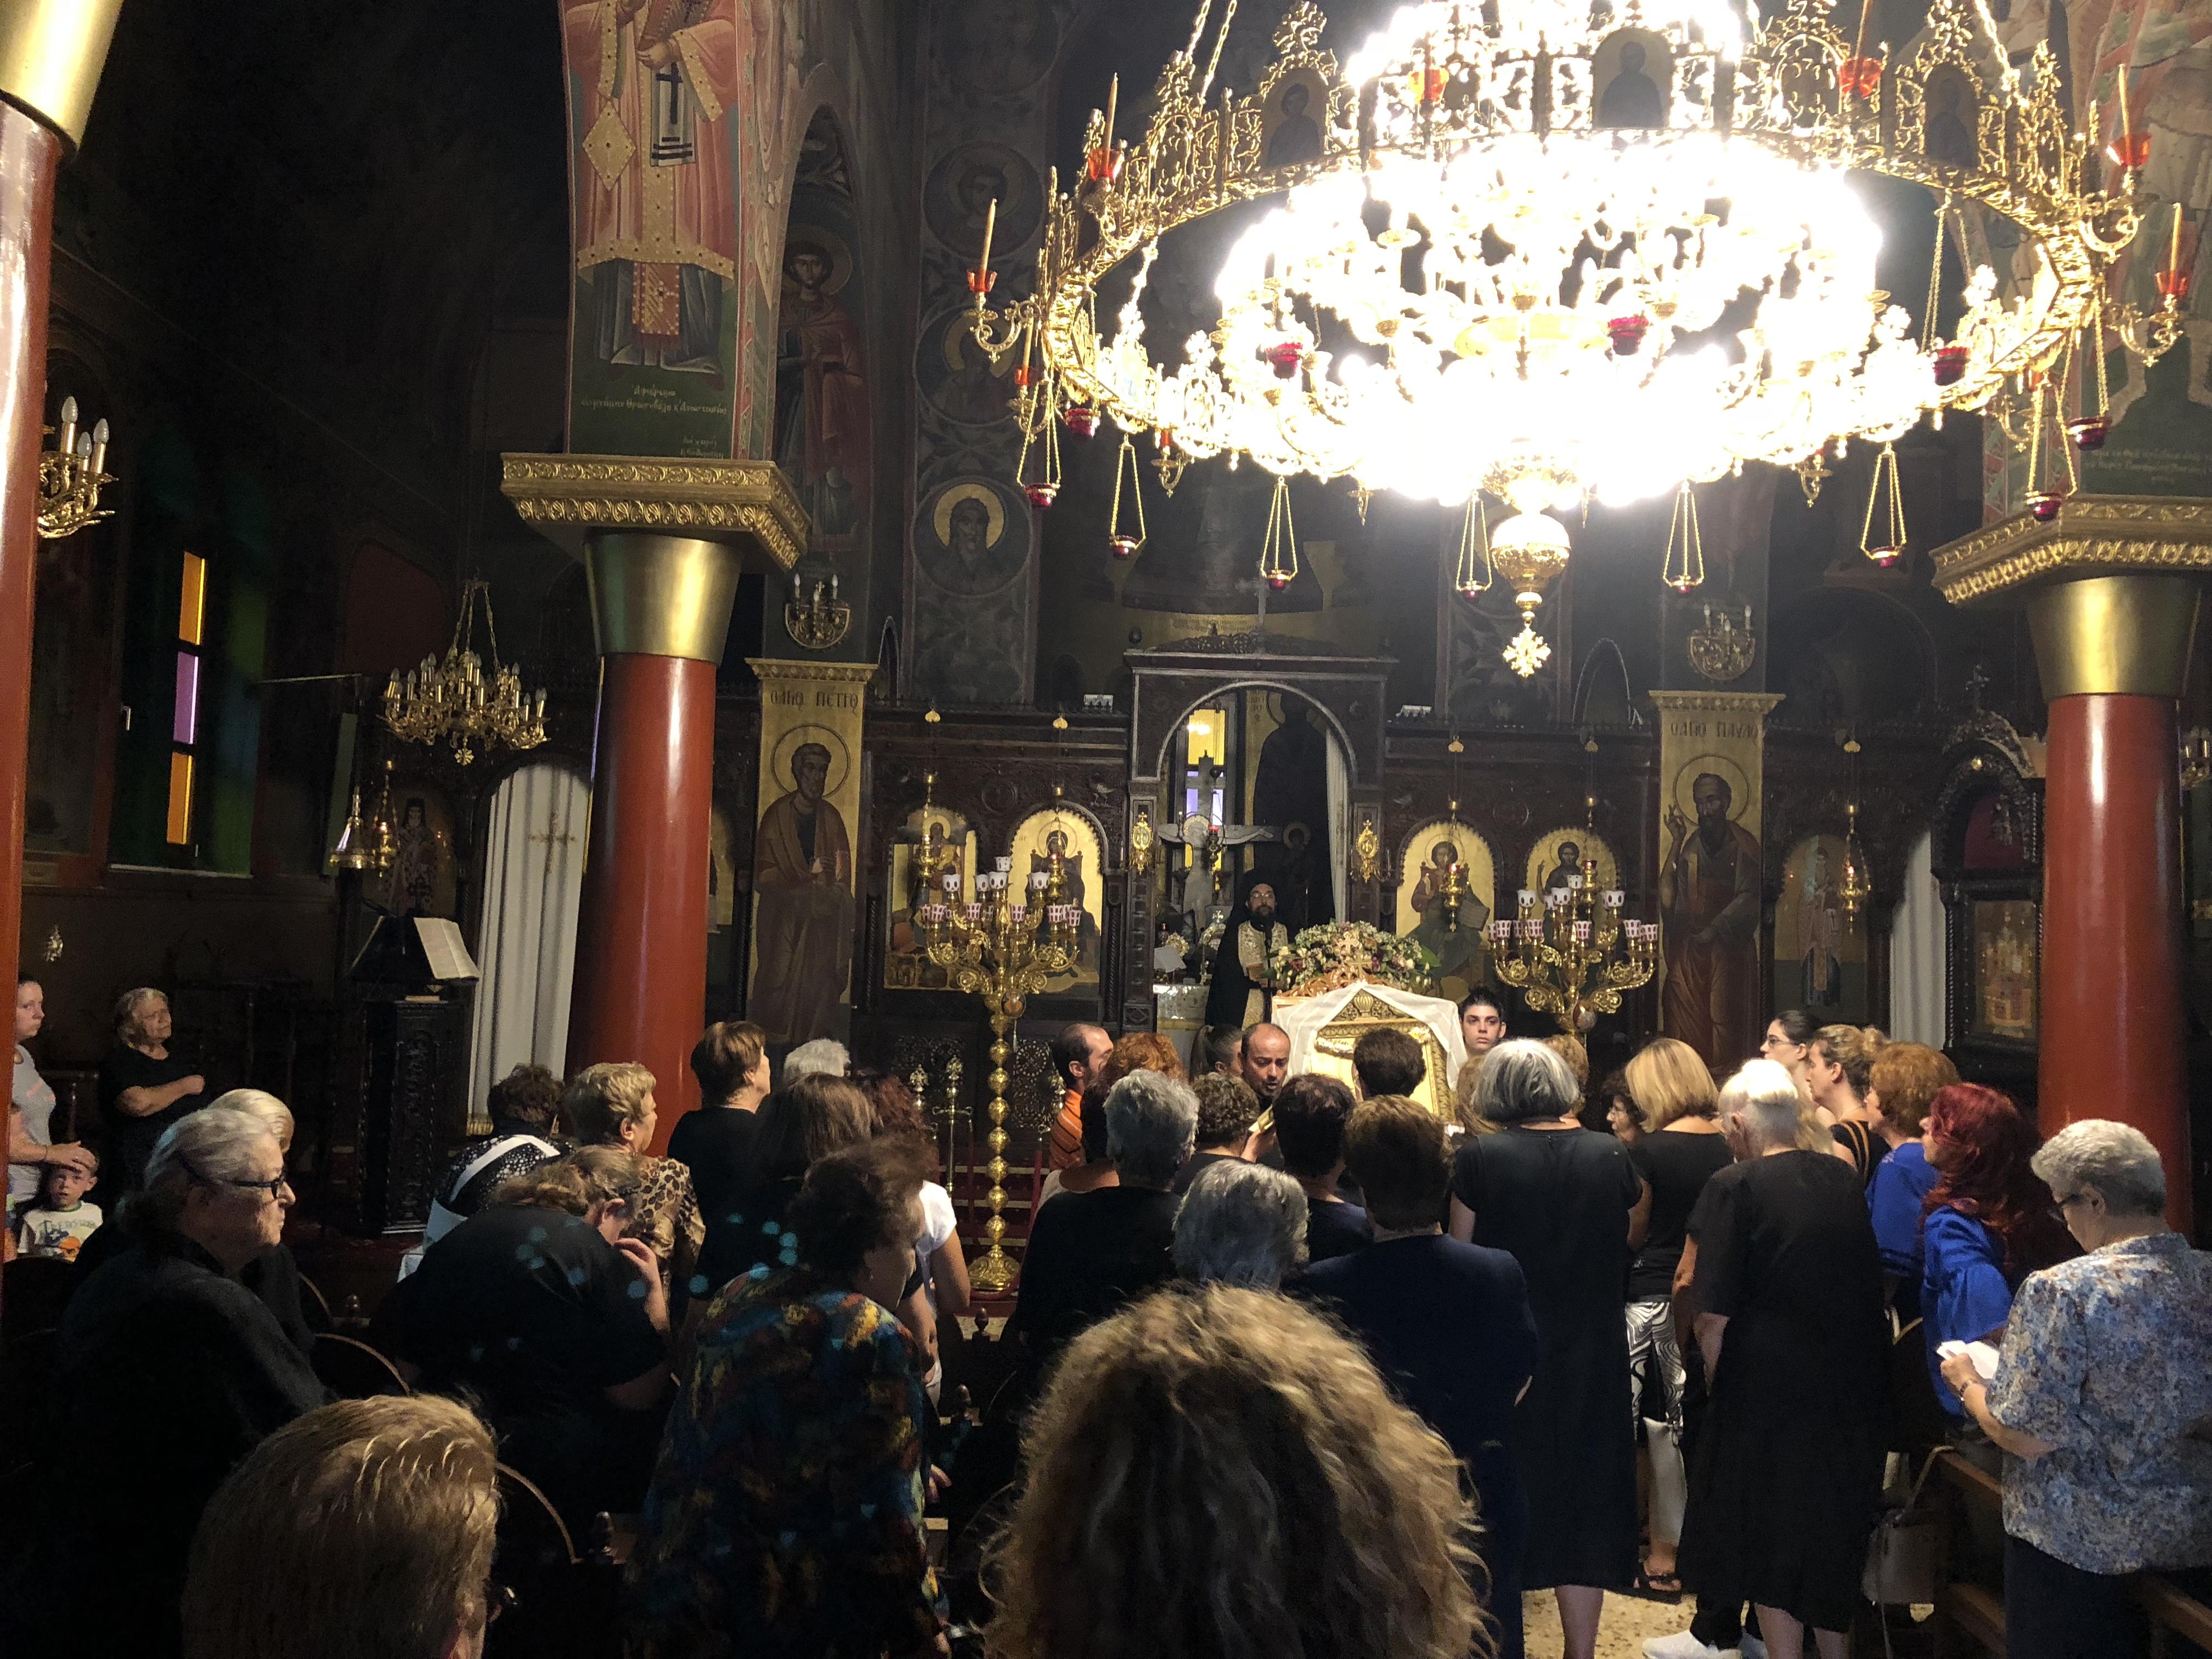 Παρακολουθούμε ζωντανά τον Εσπερινό και την Ιερά παράκληση προς την Θεοτόκο από τον Ι.Ναό Αγίου Χαραλάμπους Λενταριανών